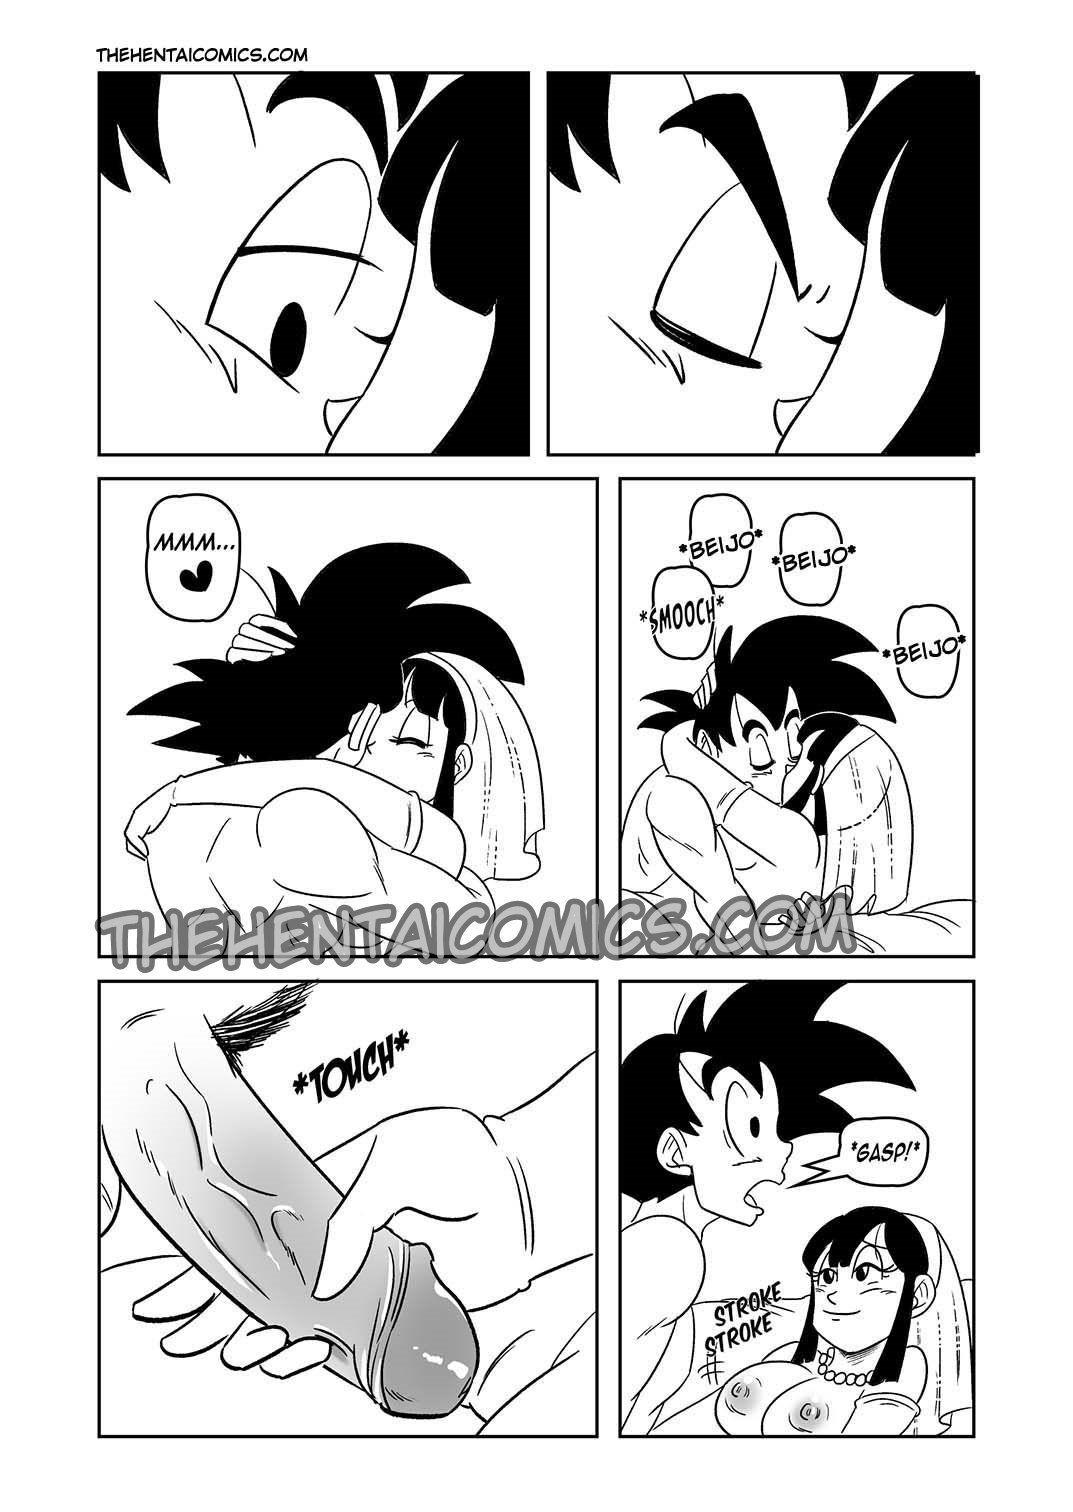 Quadrinhos Eroticos - Goku e Chichi em lua de mel - DBZ Hentai